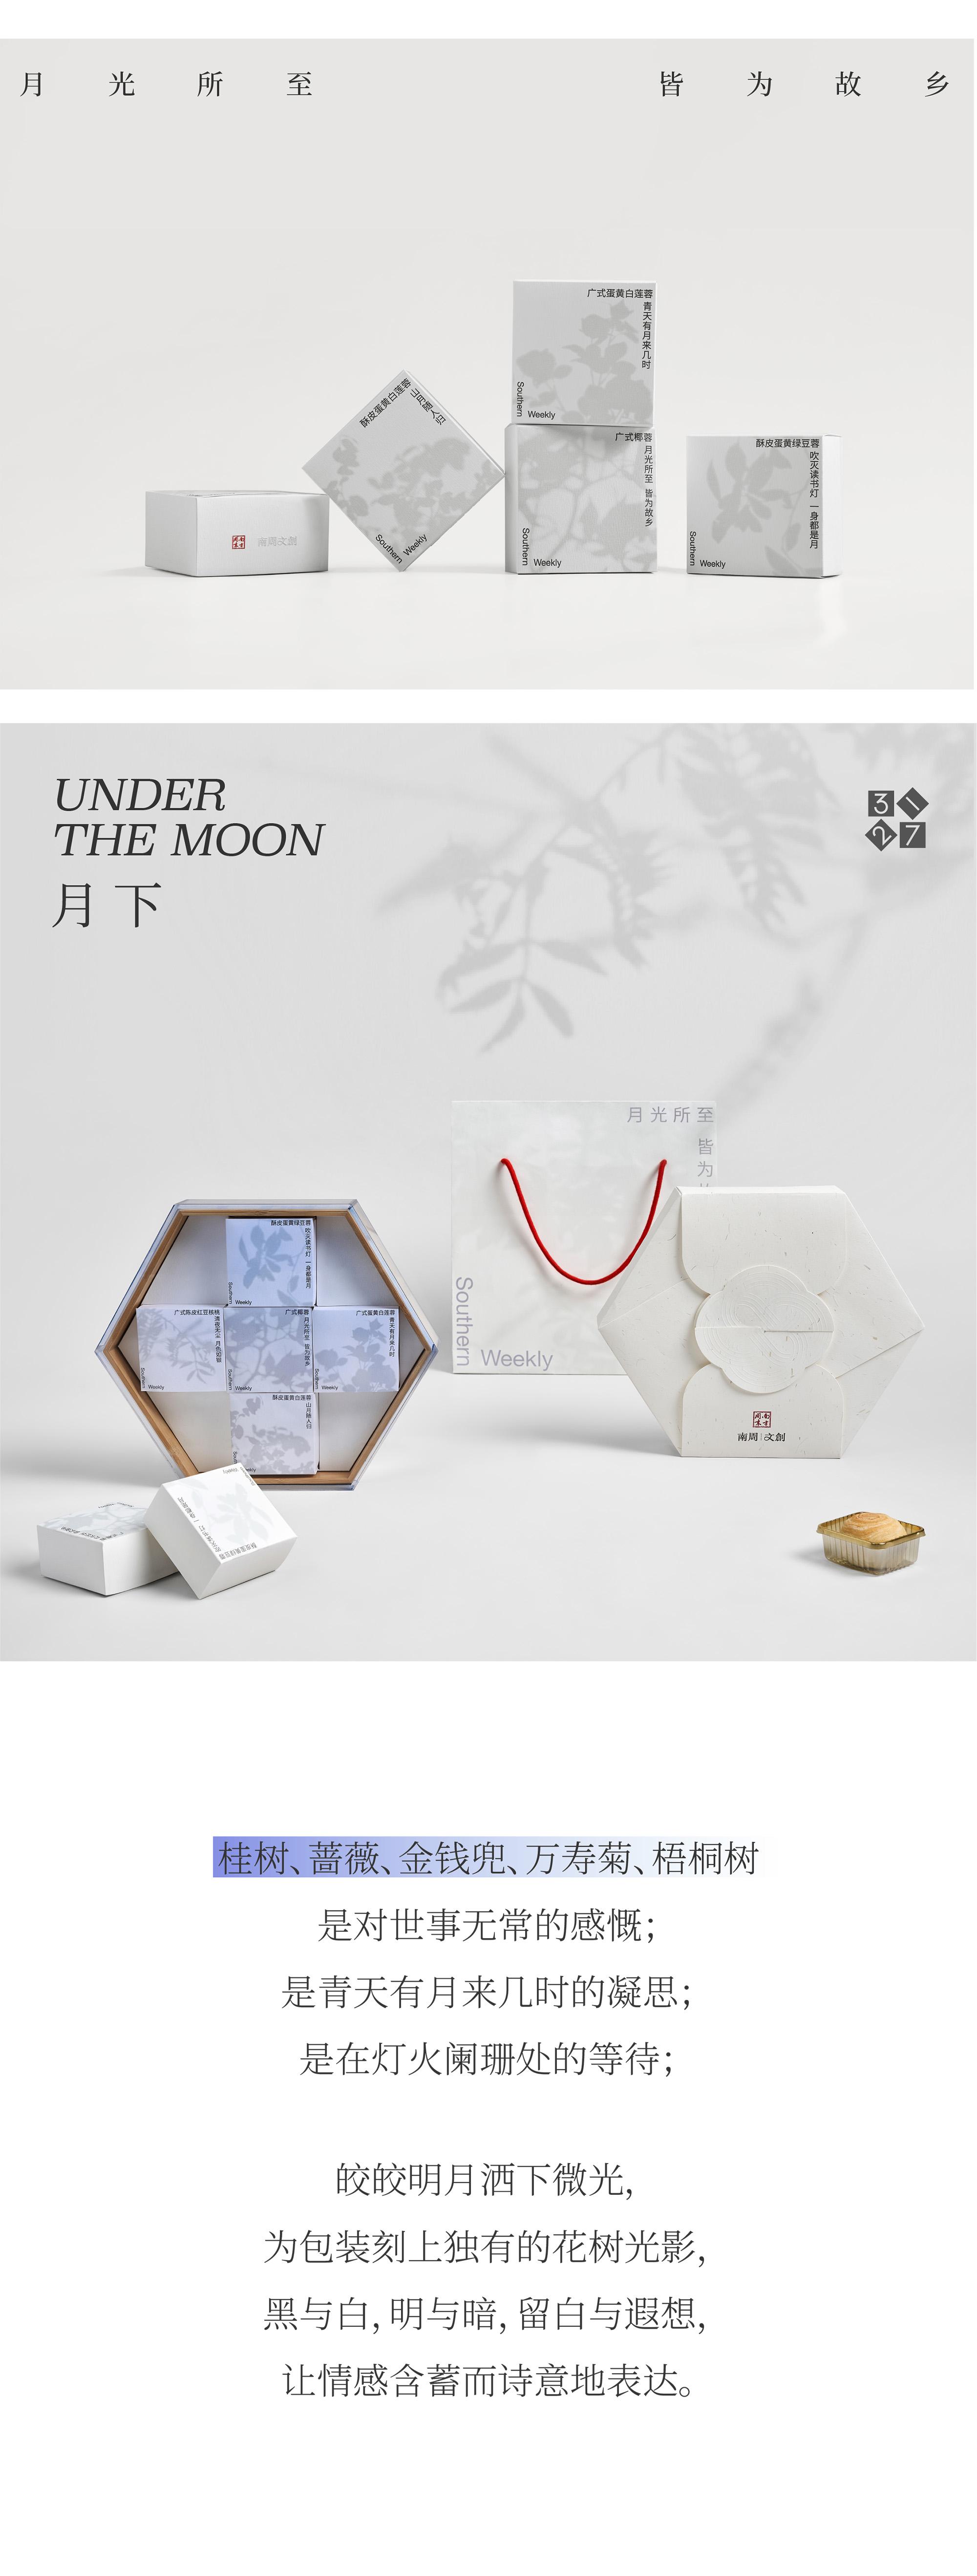 南方周末 × 3721设计   月光所至,皆为故乡